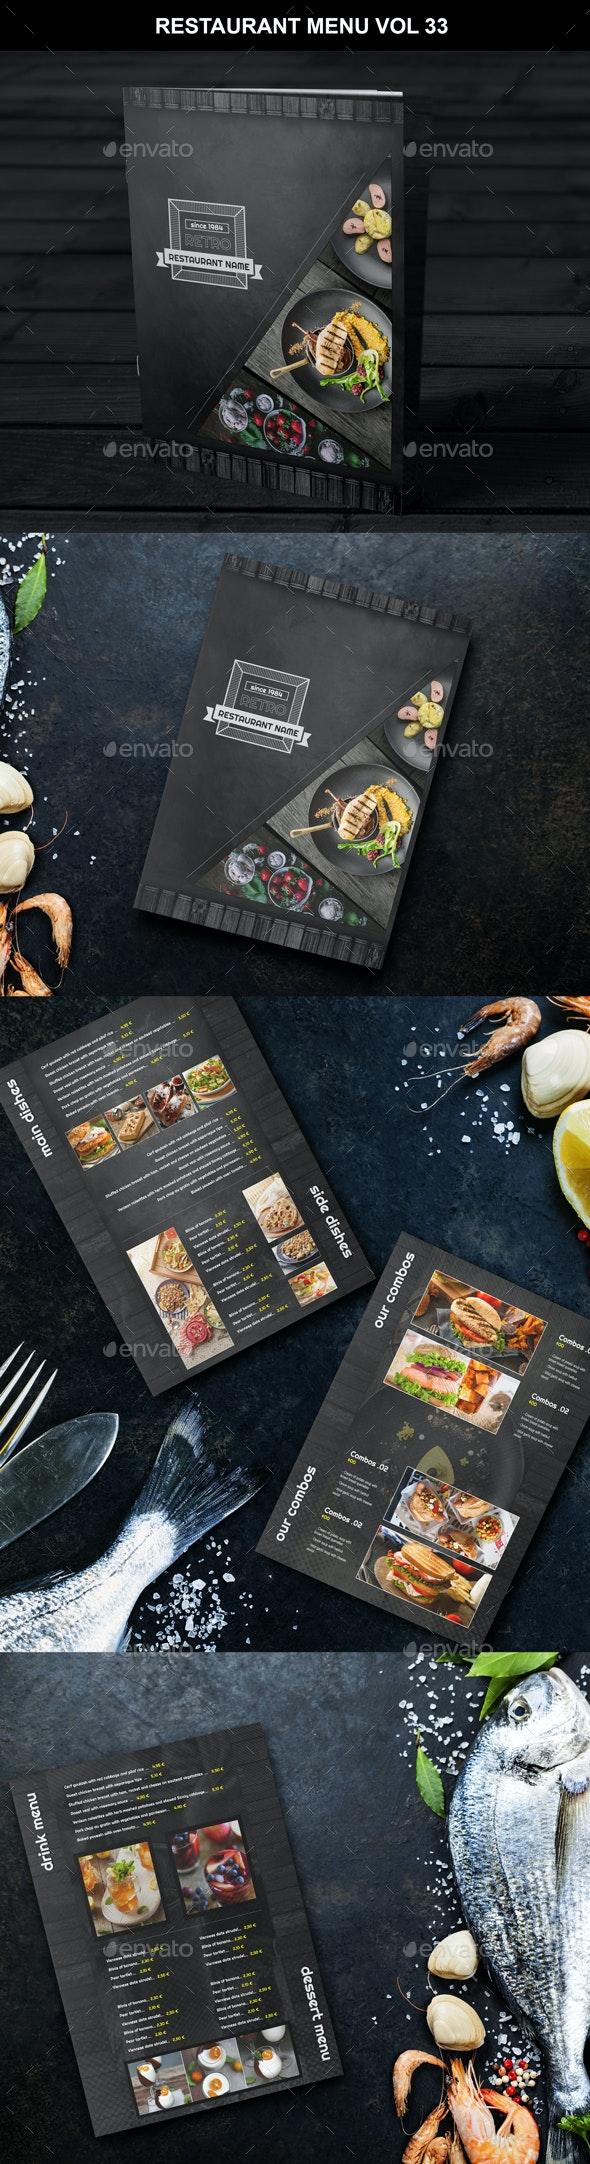 Restaurant Menu Vol 33